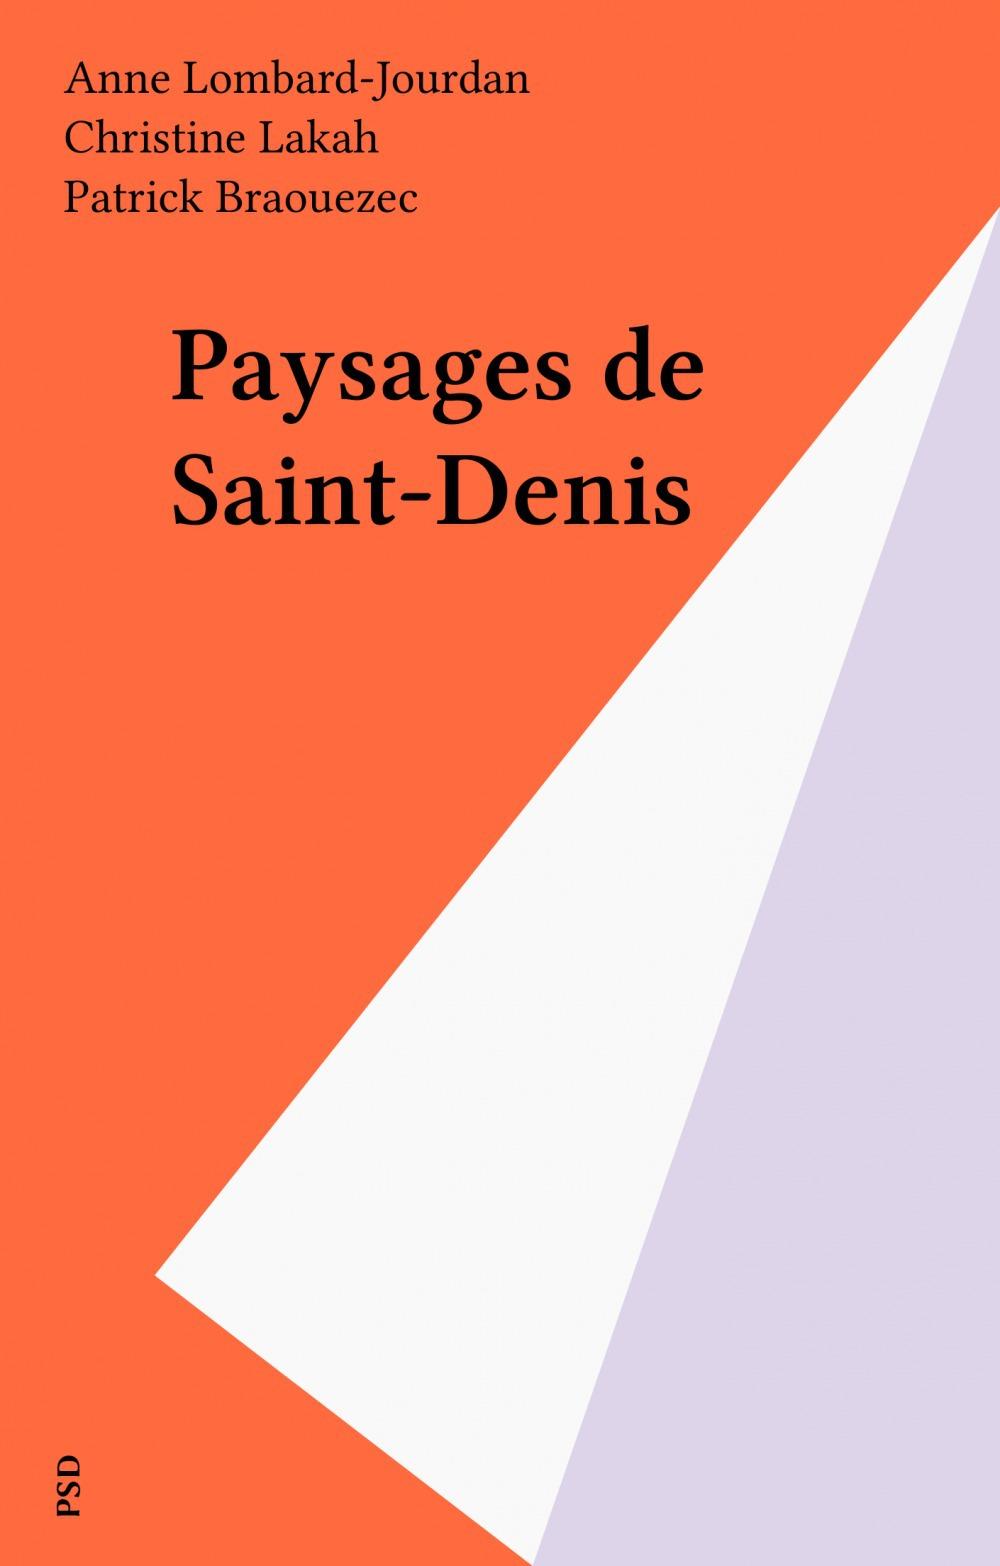 Paysages de Saint-Denis